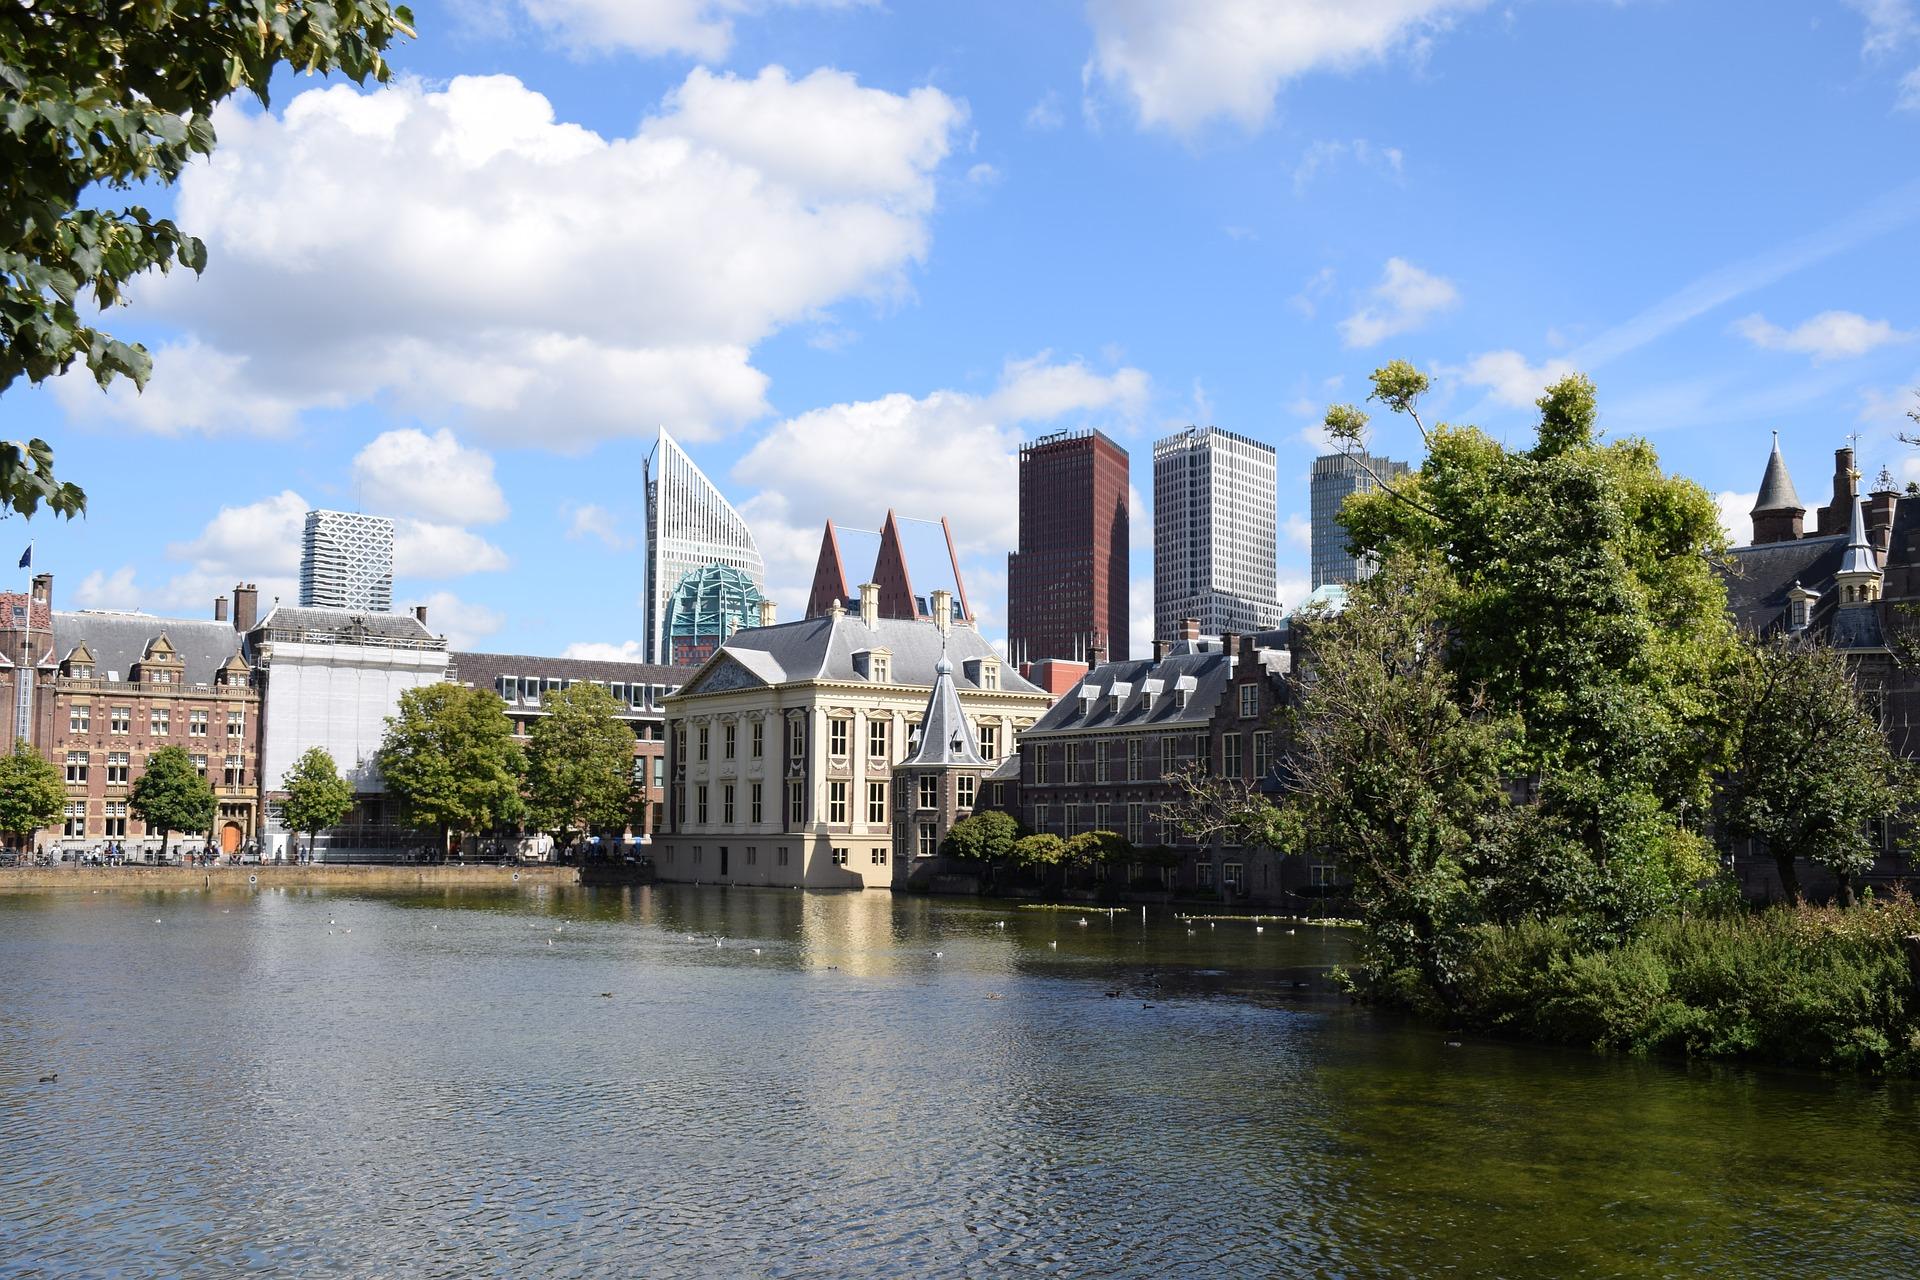 Vista de La Haya, Frank Magdelyns, Pixabay